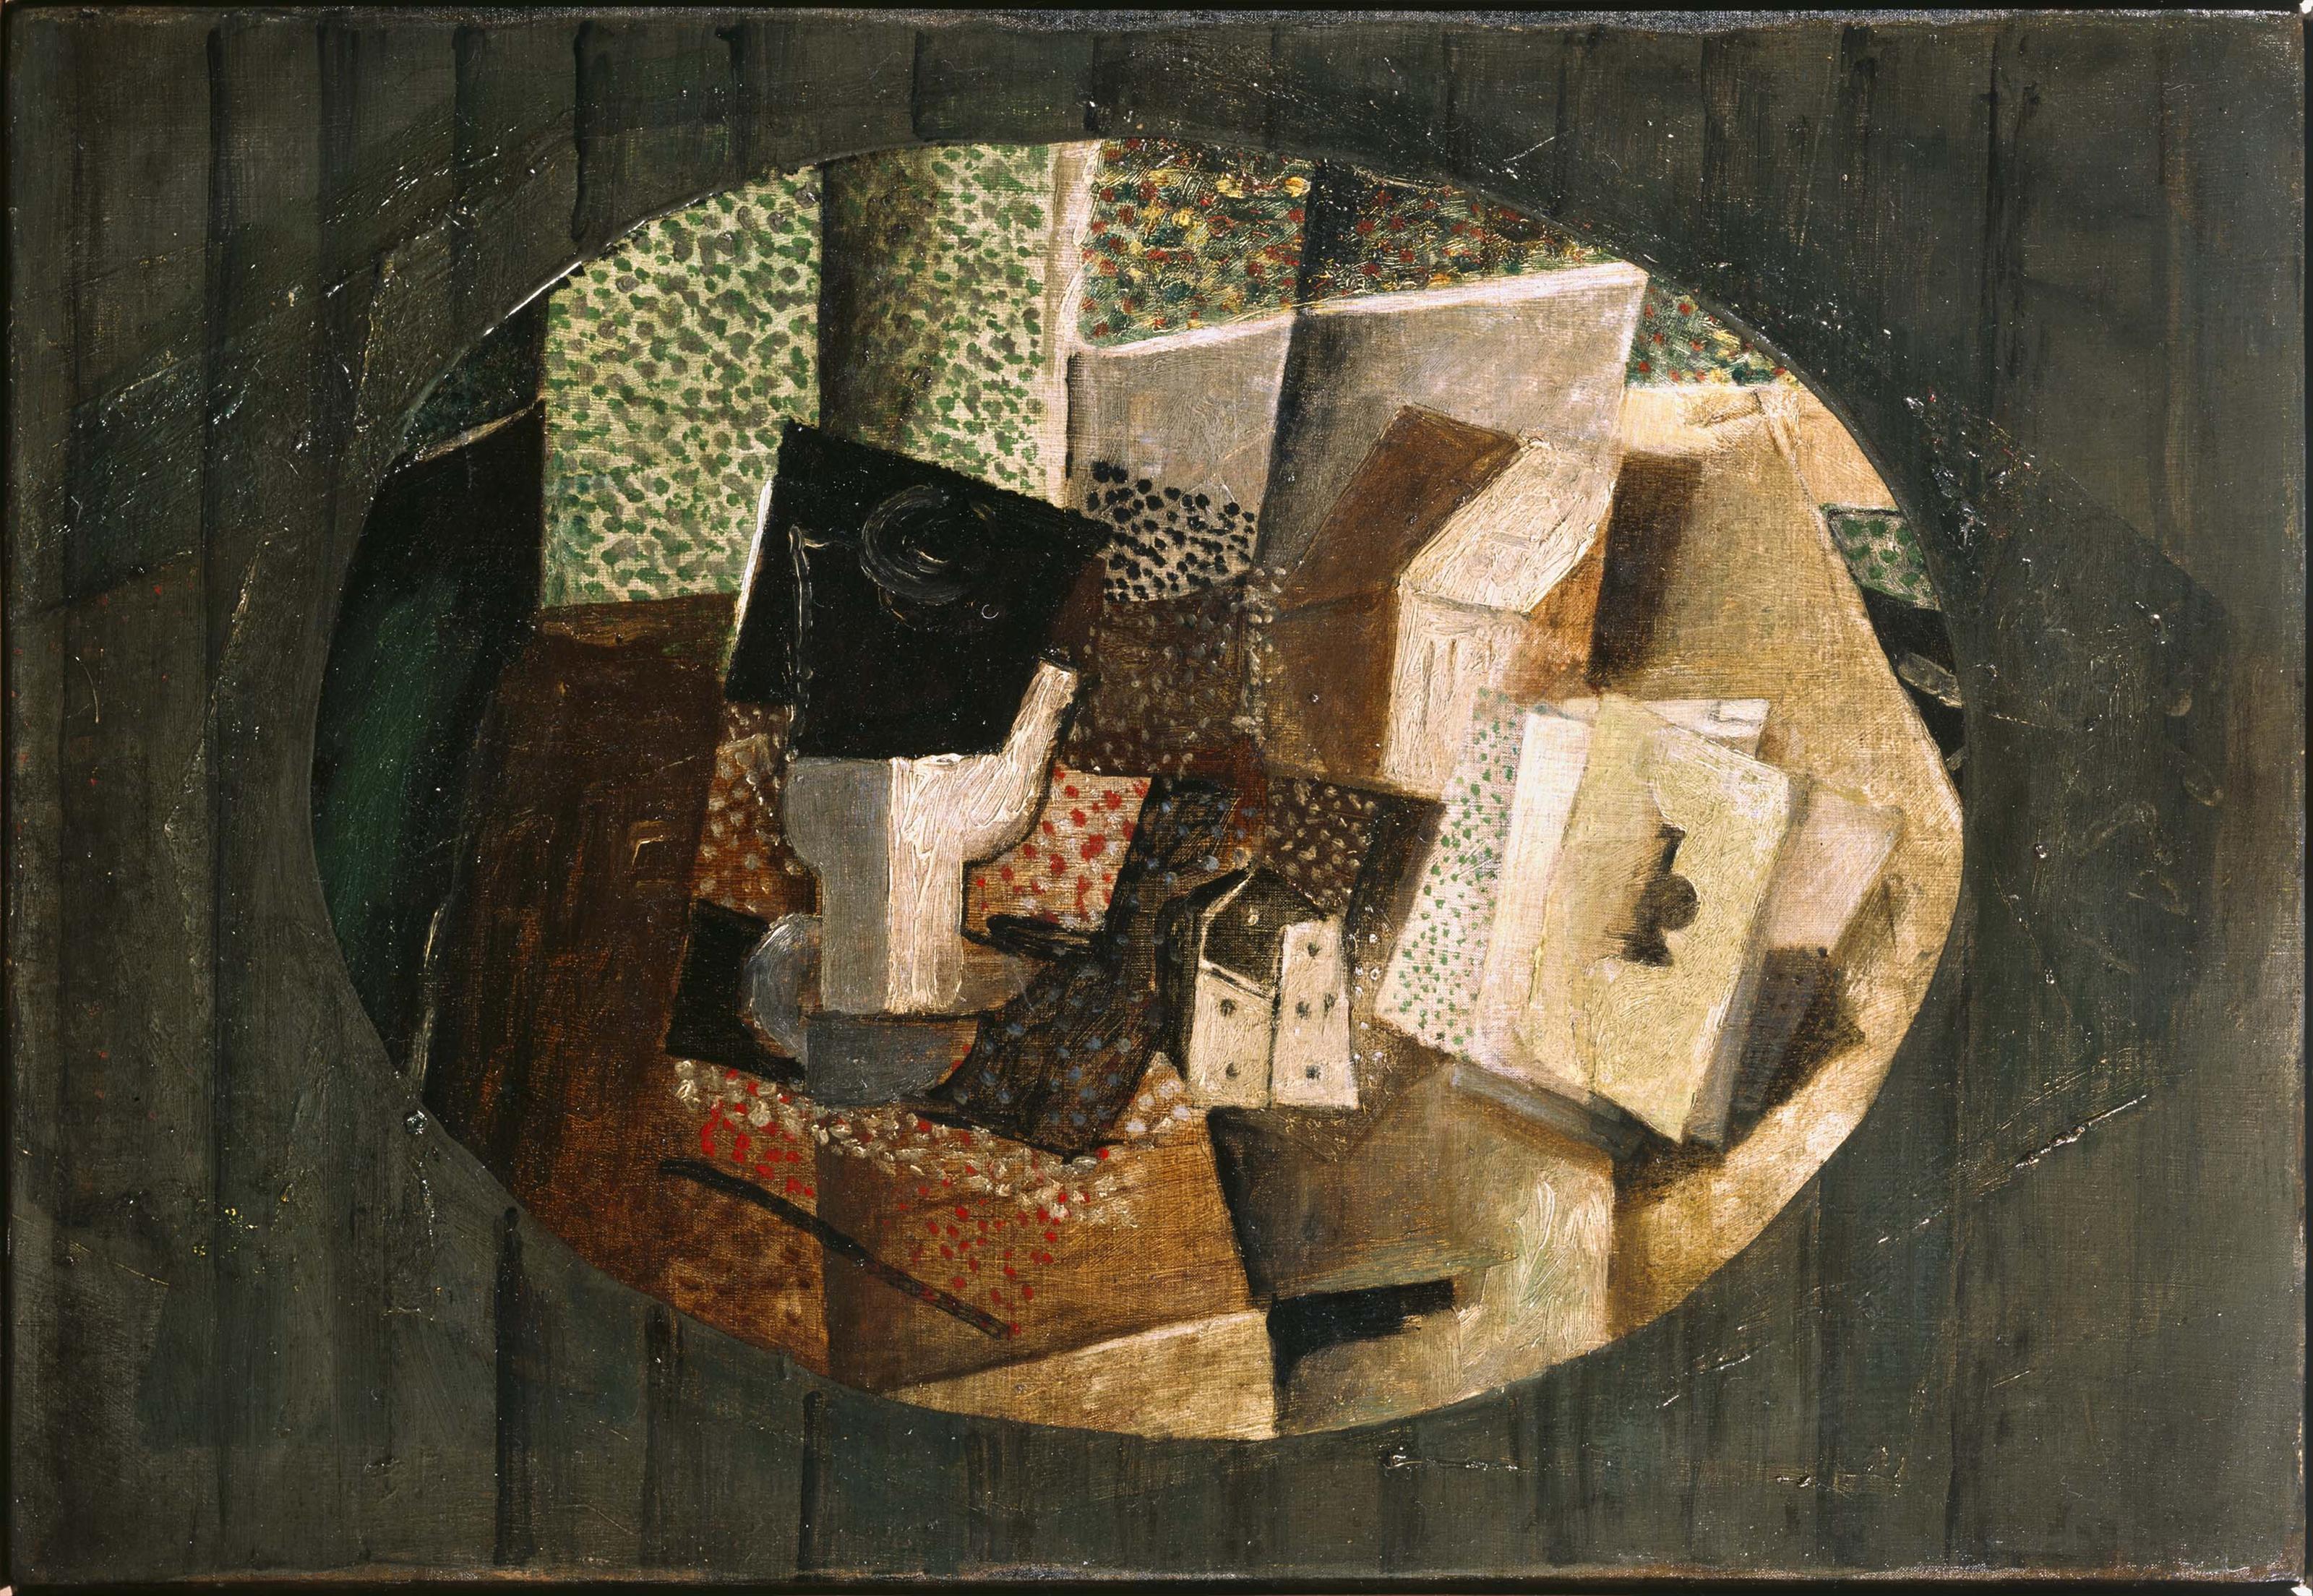 Georges Braque - Cartes et dés (Cards and Dice)